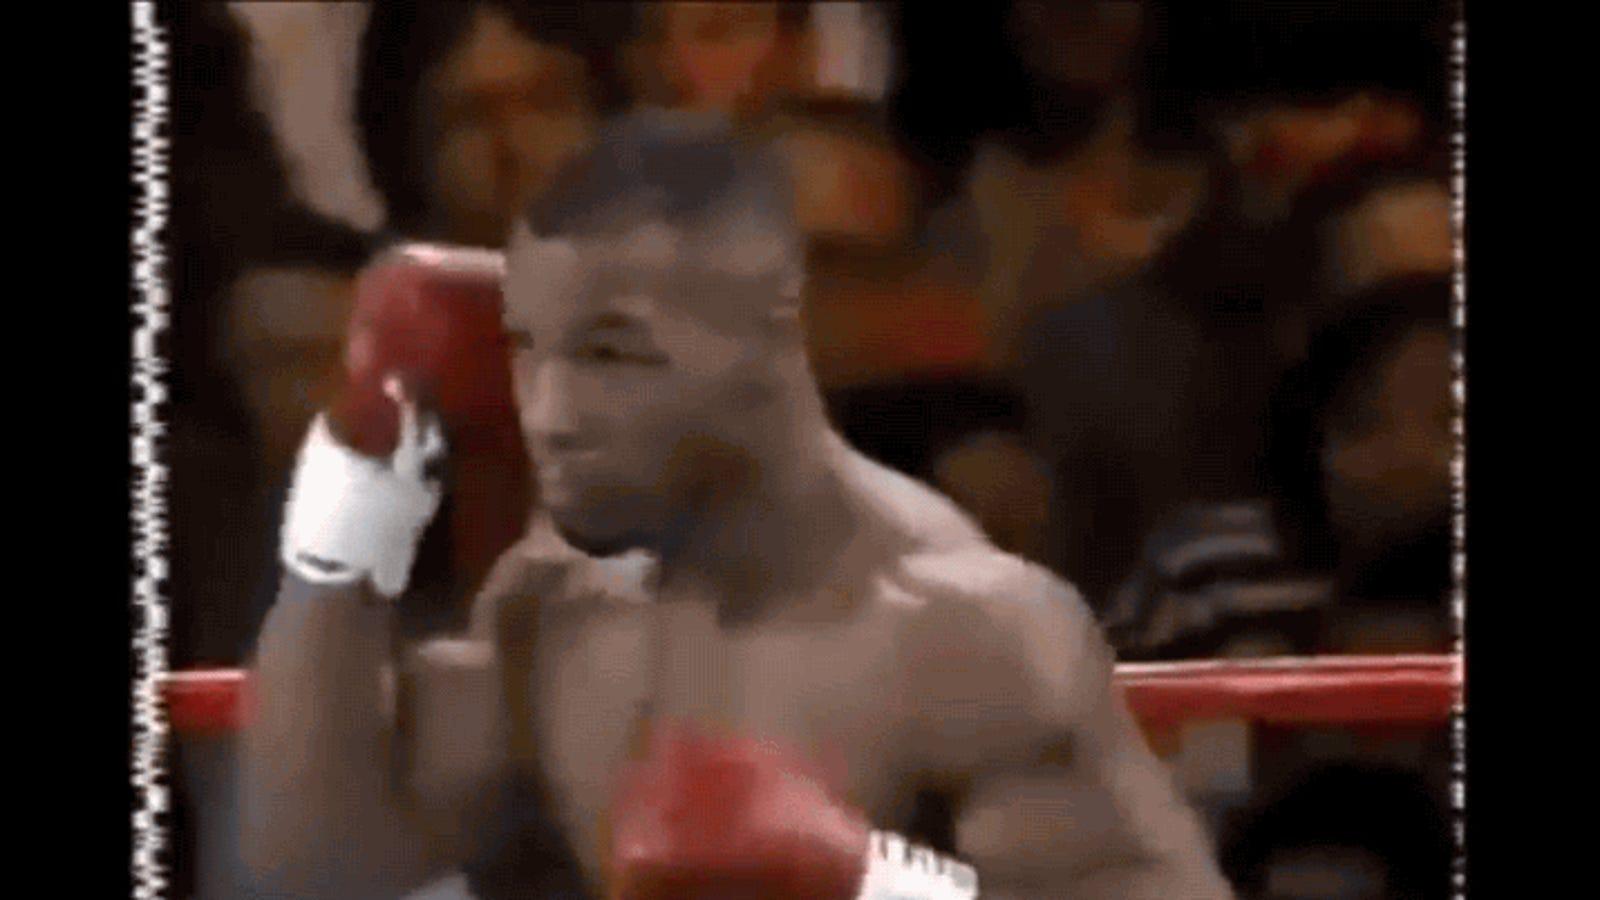 ¿Viajó en el tiempo el señor que aparece detrás de Mike Tyson en este vídeo de 1995?